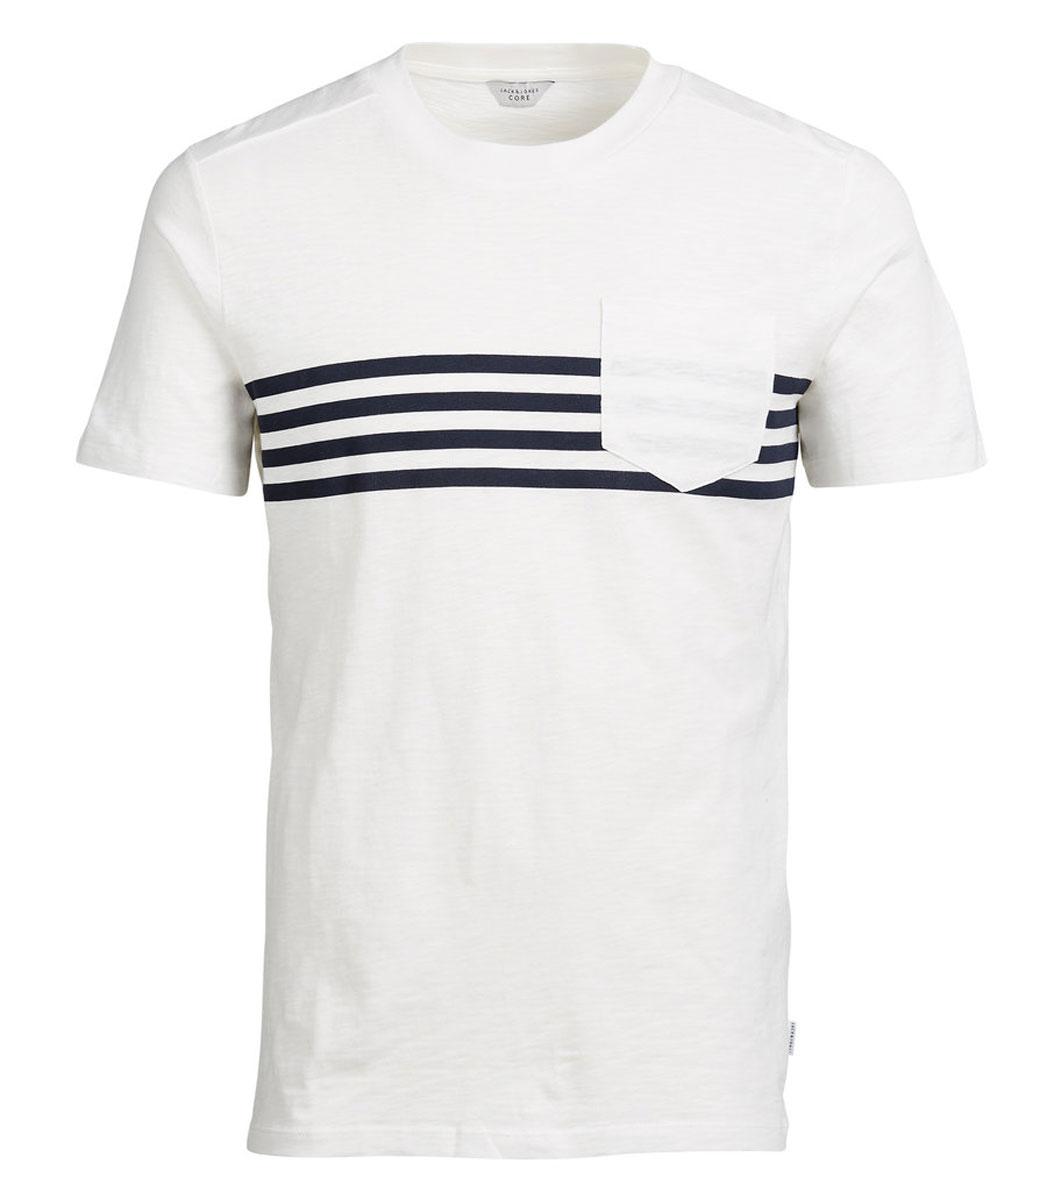 Футболка мужская Jack & Jones, цвет: молочный. 12110008. Размер M (46)12110008_Blanc de BlancСтильная мужская футболка Jack & Jones, выполненная из хлопка и полиэстера, обладает высокой теплопроводностью, воздухопроницаемостью и гигроскопичностью. Она необычайно мягкая и приятная на ощупь, не сковывает движения и превосходно пропускает воздух. Такая футболка превосходно подойдет как для занятий спортом, так и для повседневной носки.Модель с короткими рукавами и круглым вырезом горловины - идеальный вариант для создания модного современного образа. Футболка оформлена контрастными полосками и дополнена небольшим нагрудным кармашком. Эта модель подарит вам комфорт в течение всего дня и послужит замечательным дополнением к вашему гардеробу.